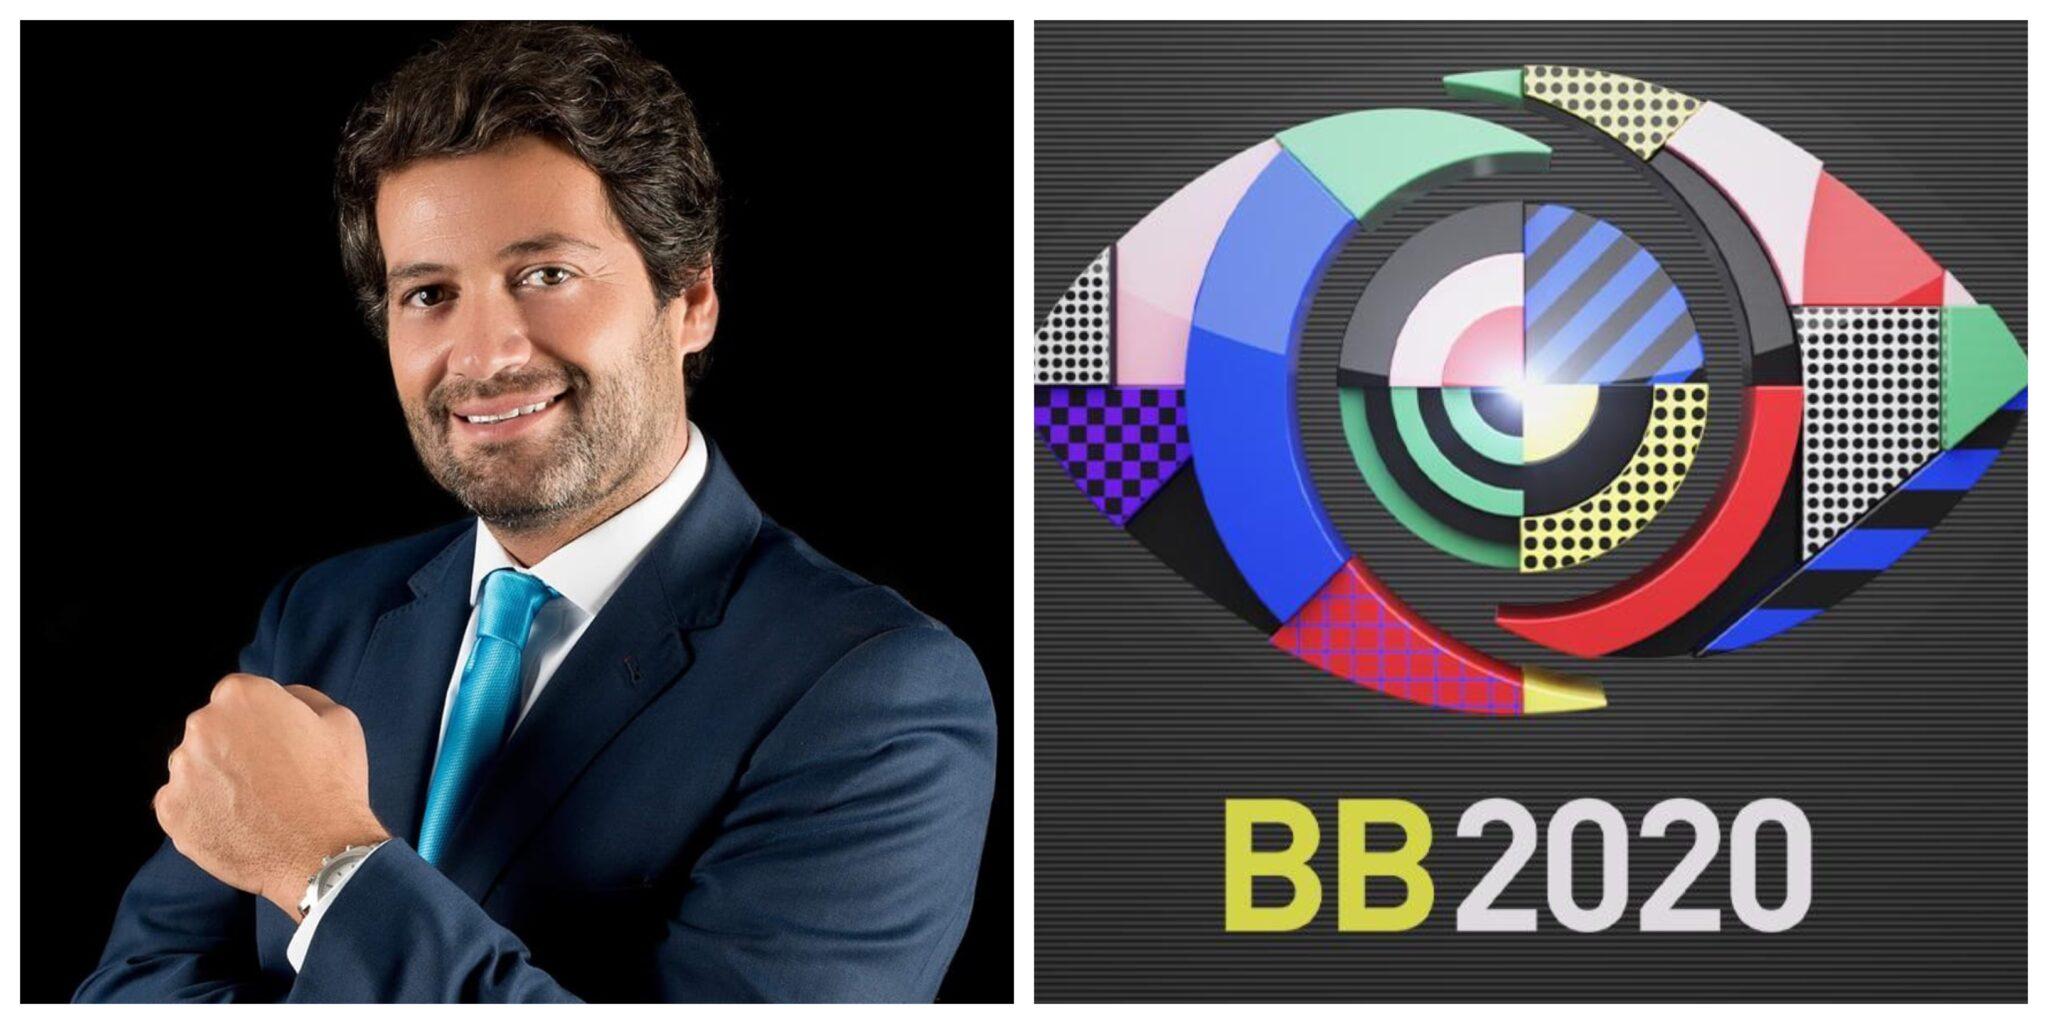 Andre Ventura Big Brother 2020 Scaled André Ventura Sobre Big Brother 2020: &Quot;Qualquer Dia Convidam Violadores E Pedófilos&Quot;